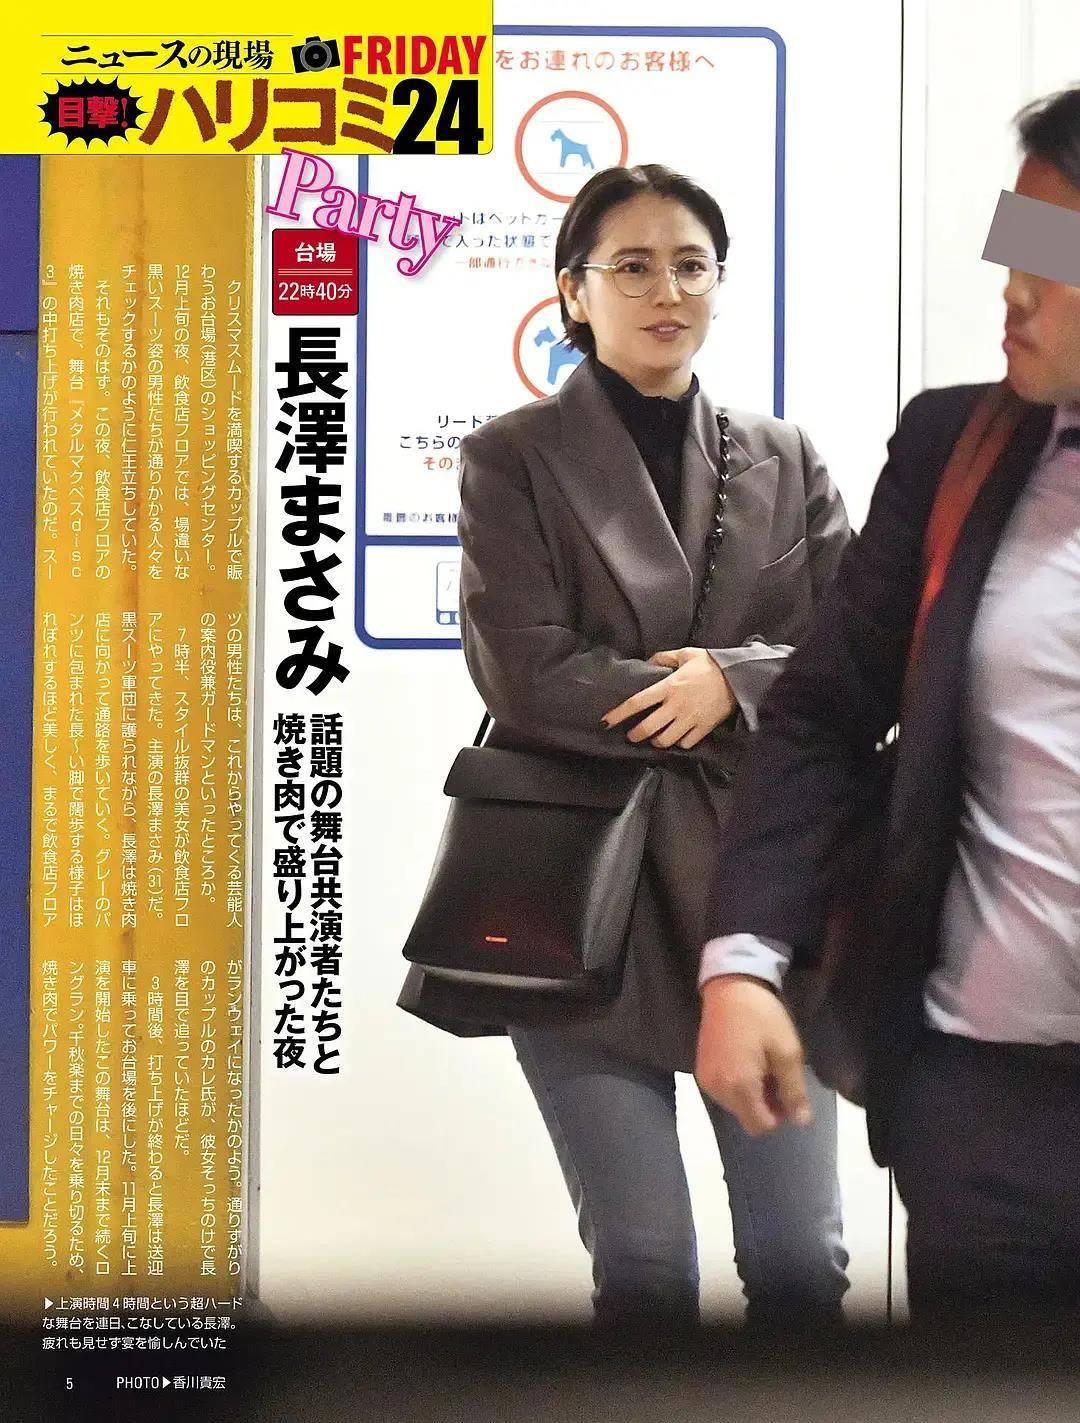 松田翔太与秋元梢举办婚礼 松田翔太秋元梢结婚